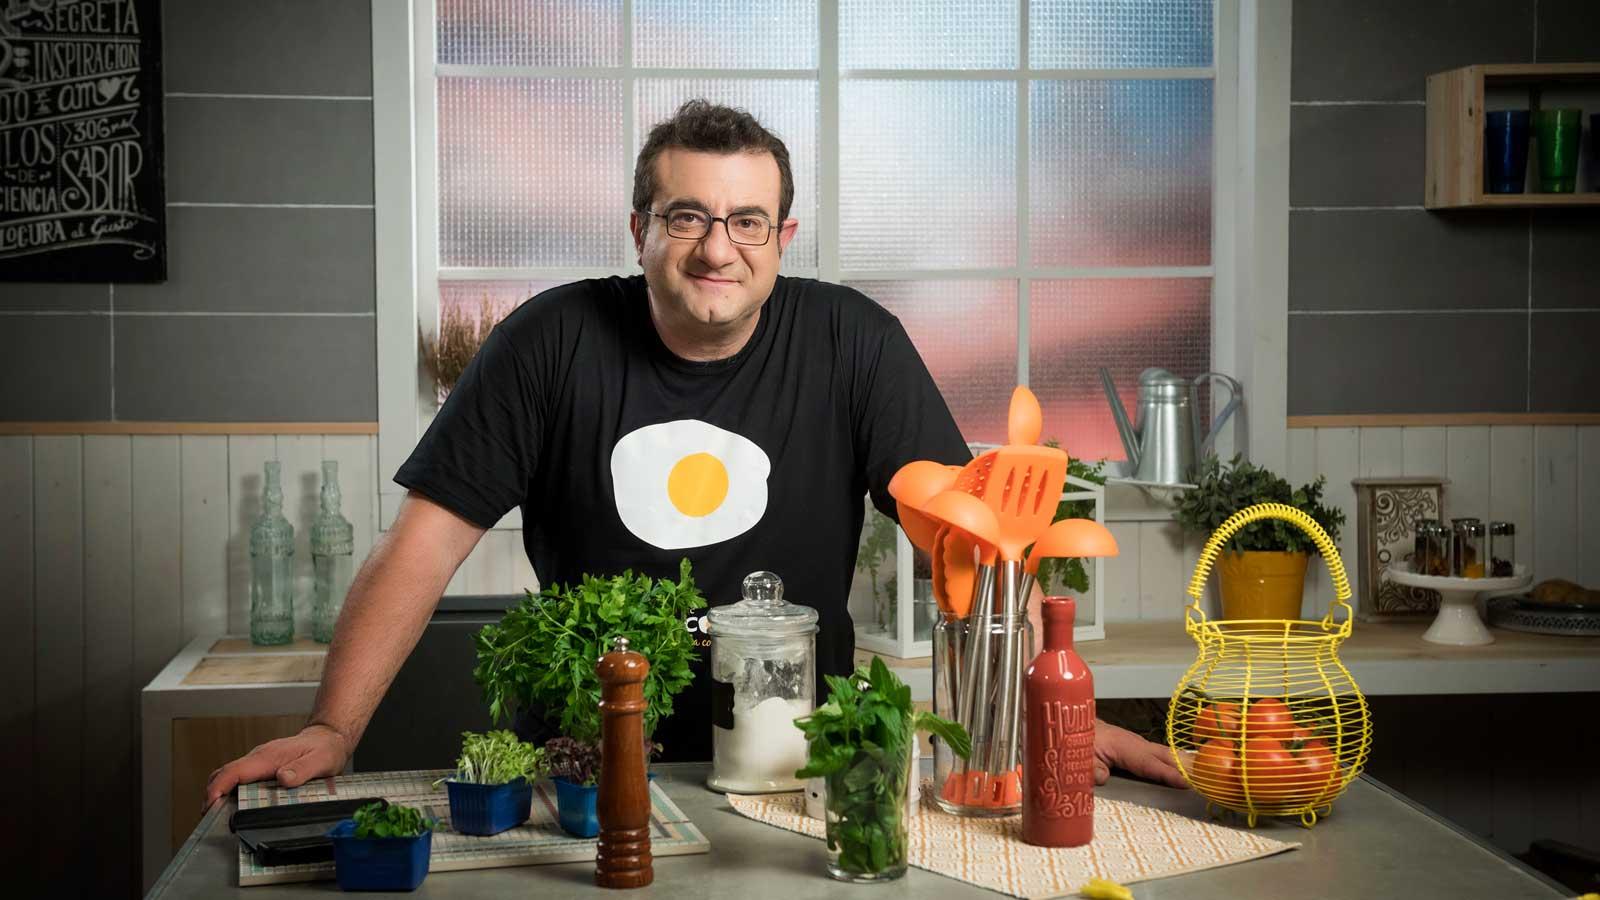 La cocina de placer de sergio fern ndez especiales for La cocina de sergio